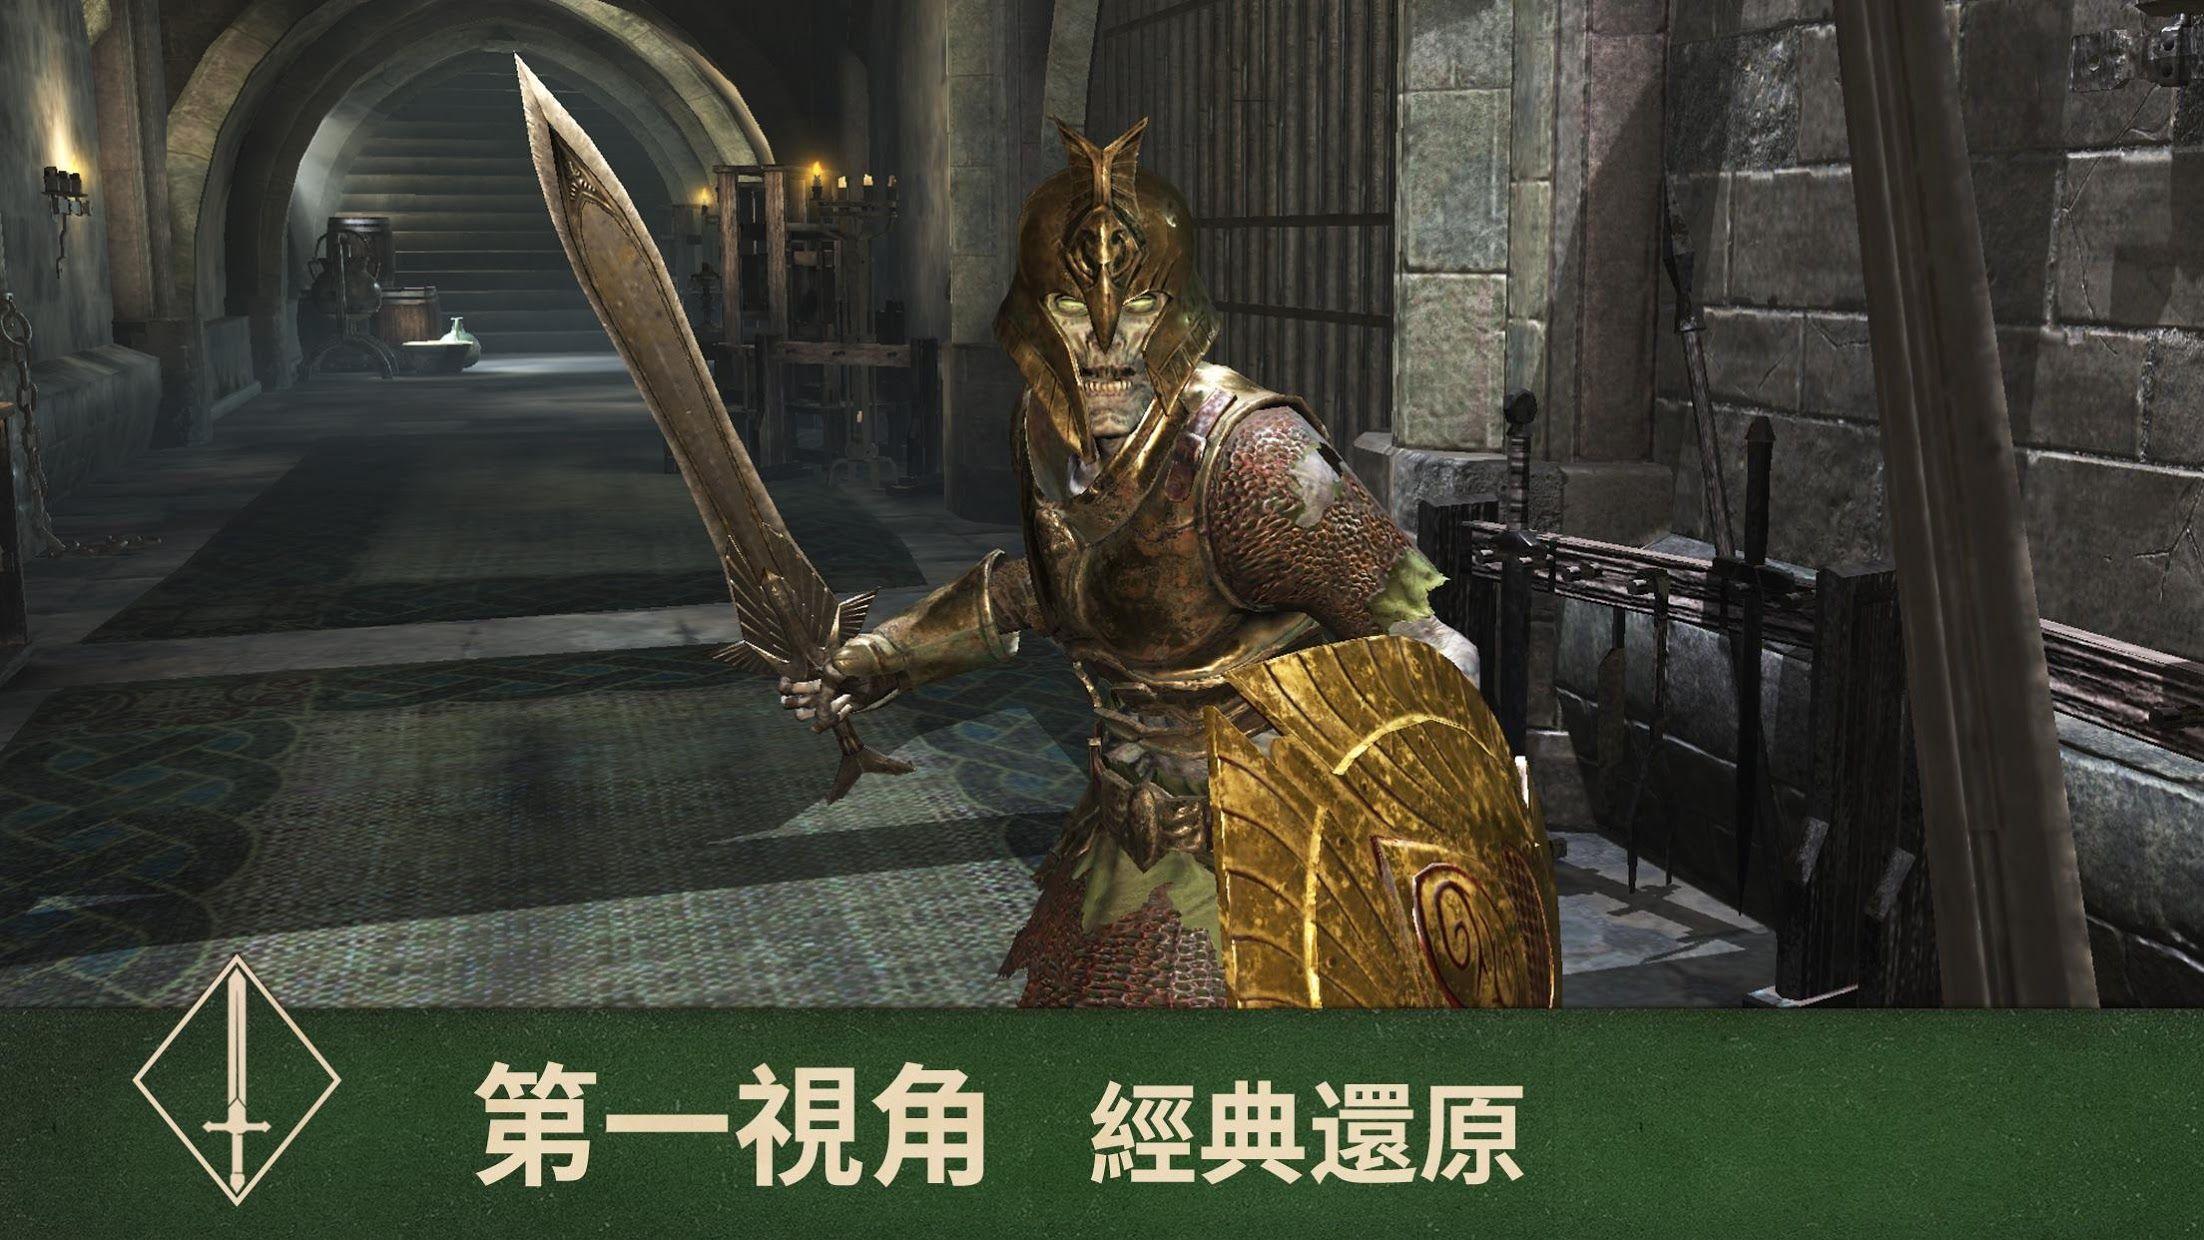 上古卷轴:刀锋战士(台服) 游戏截图5